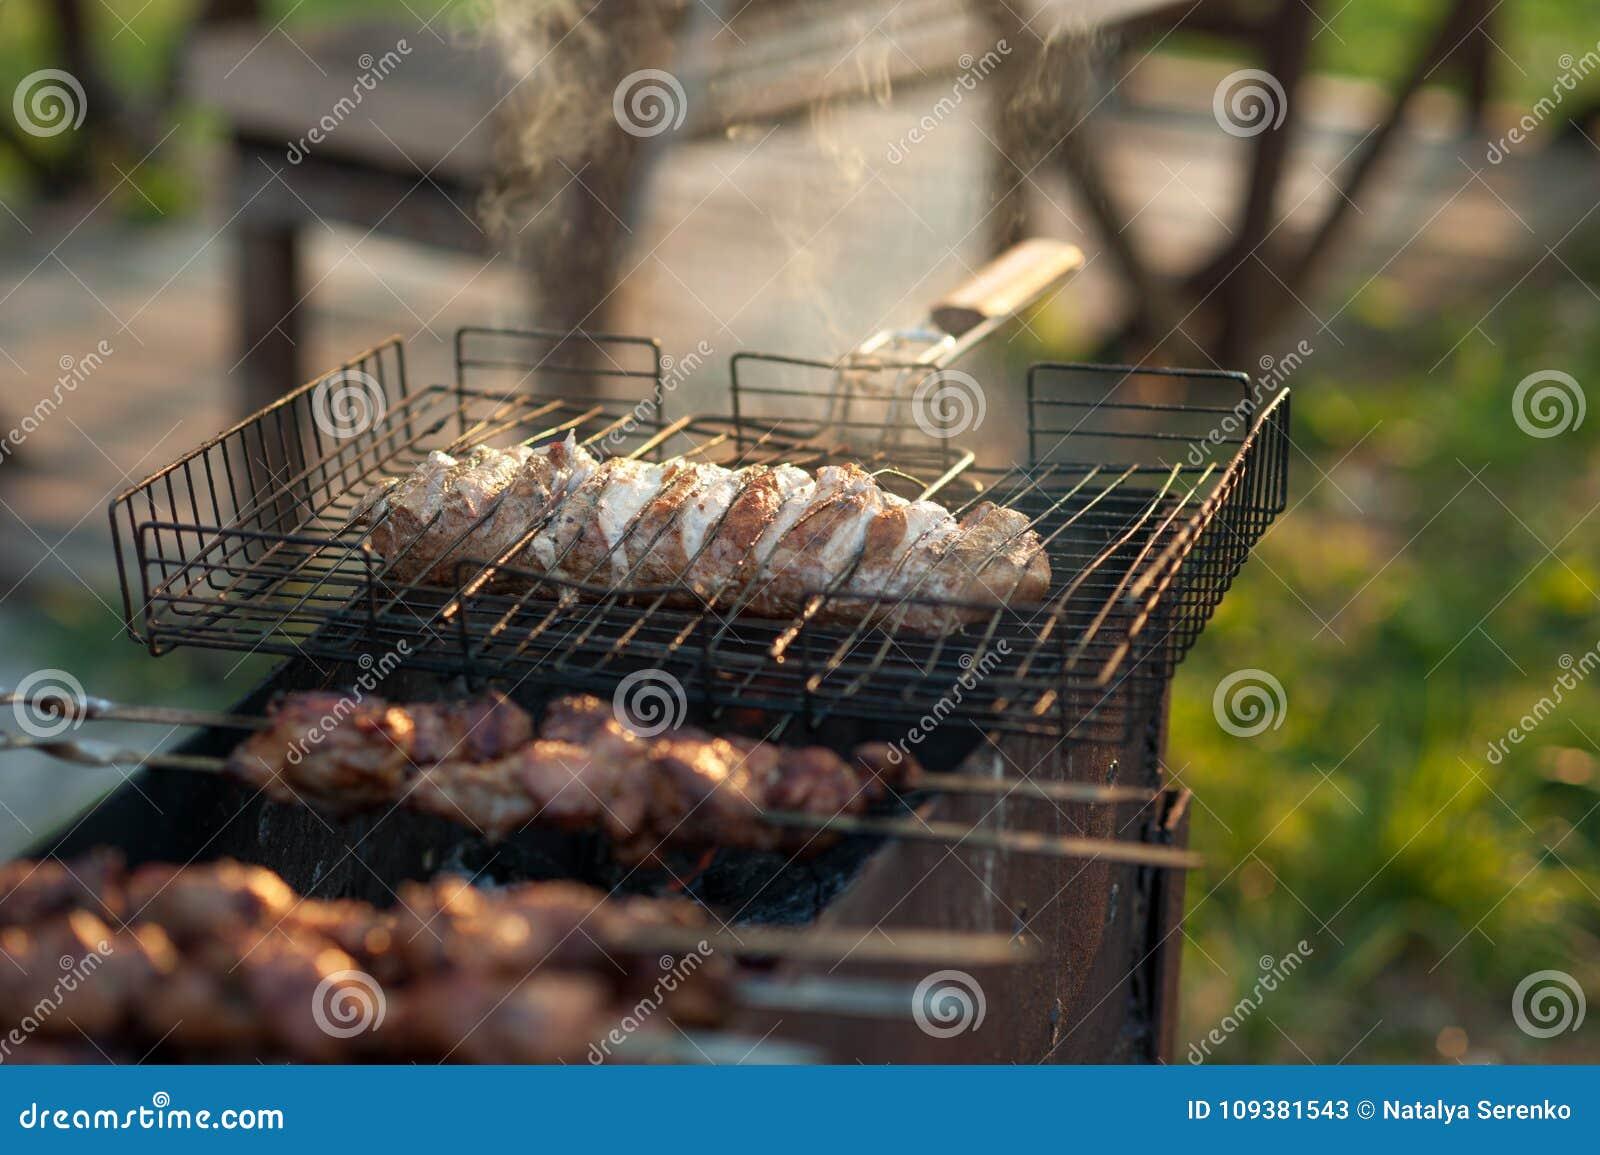 Chiche-kebab sur le gril Shashlik mariné préparant sur un gril de barbecue au-dessus de charbon de bois